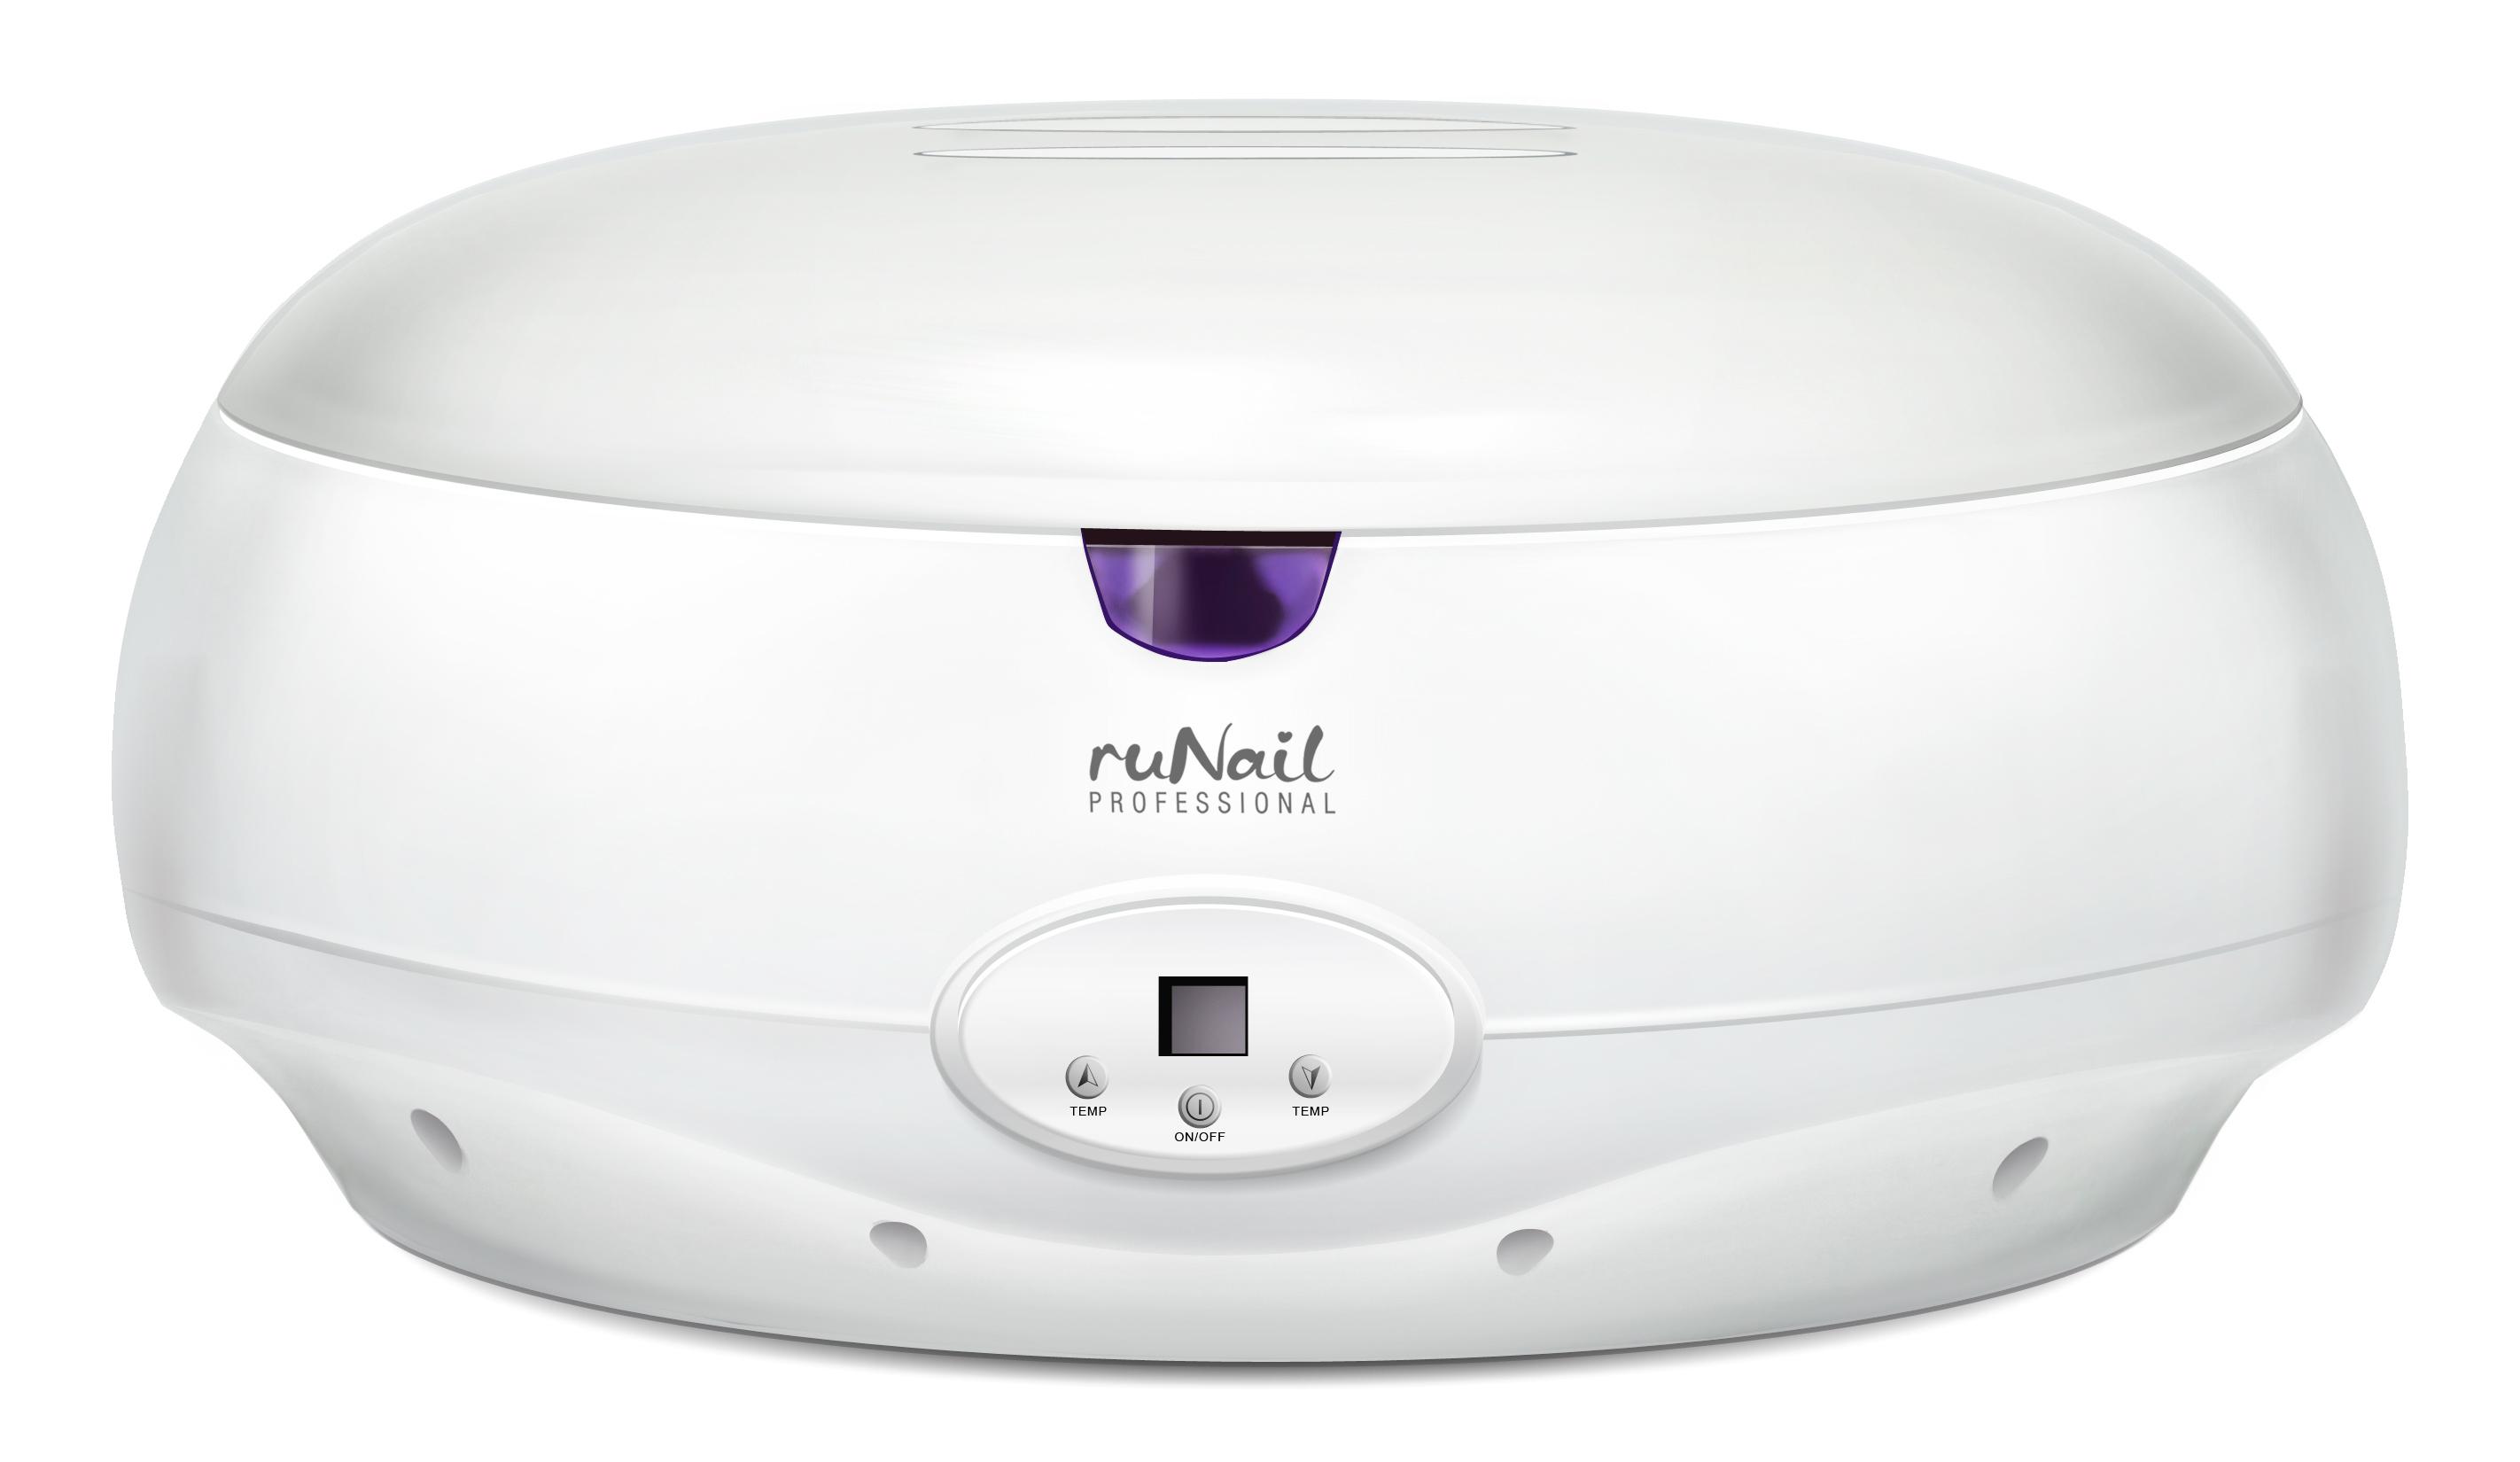 RuNail Ванна парафиновая с электронной панелью управления (3,5 л) -  Нагреватели парафина